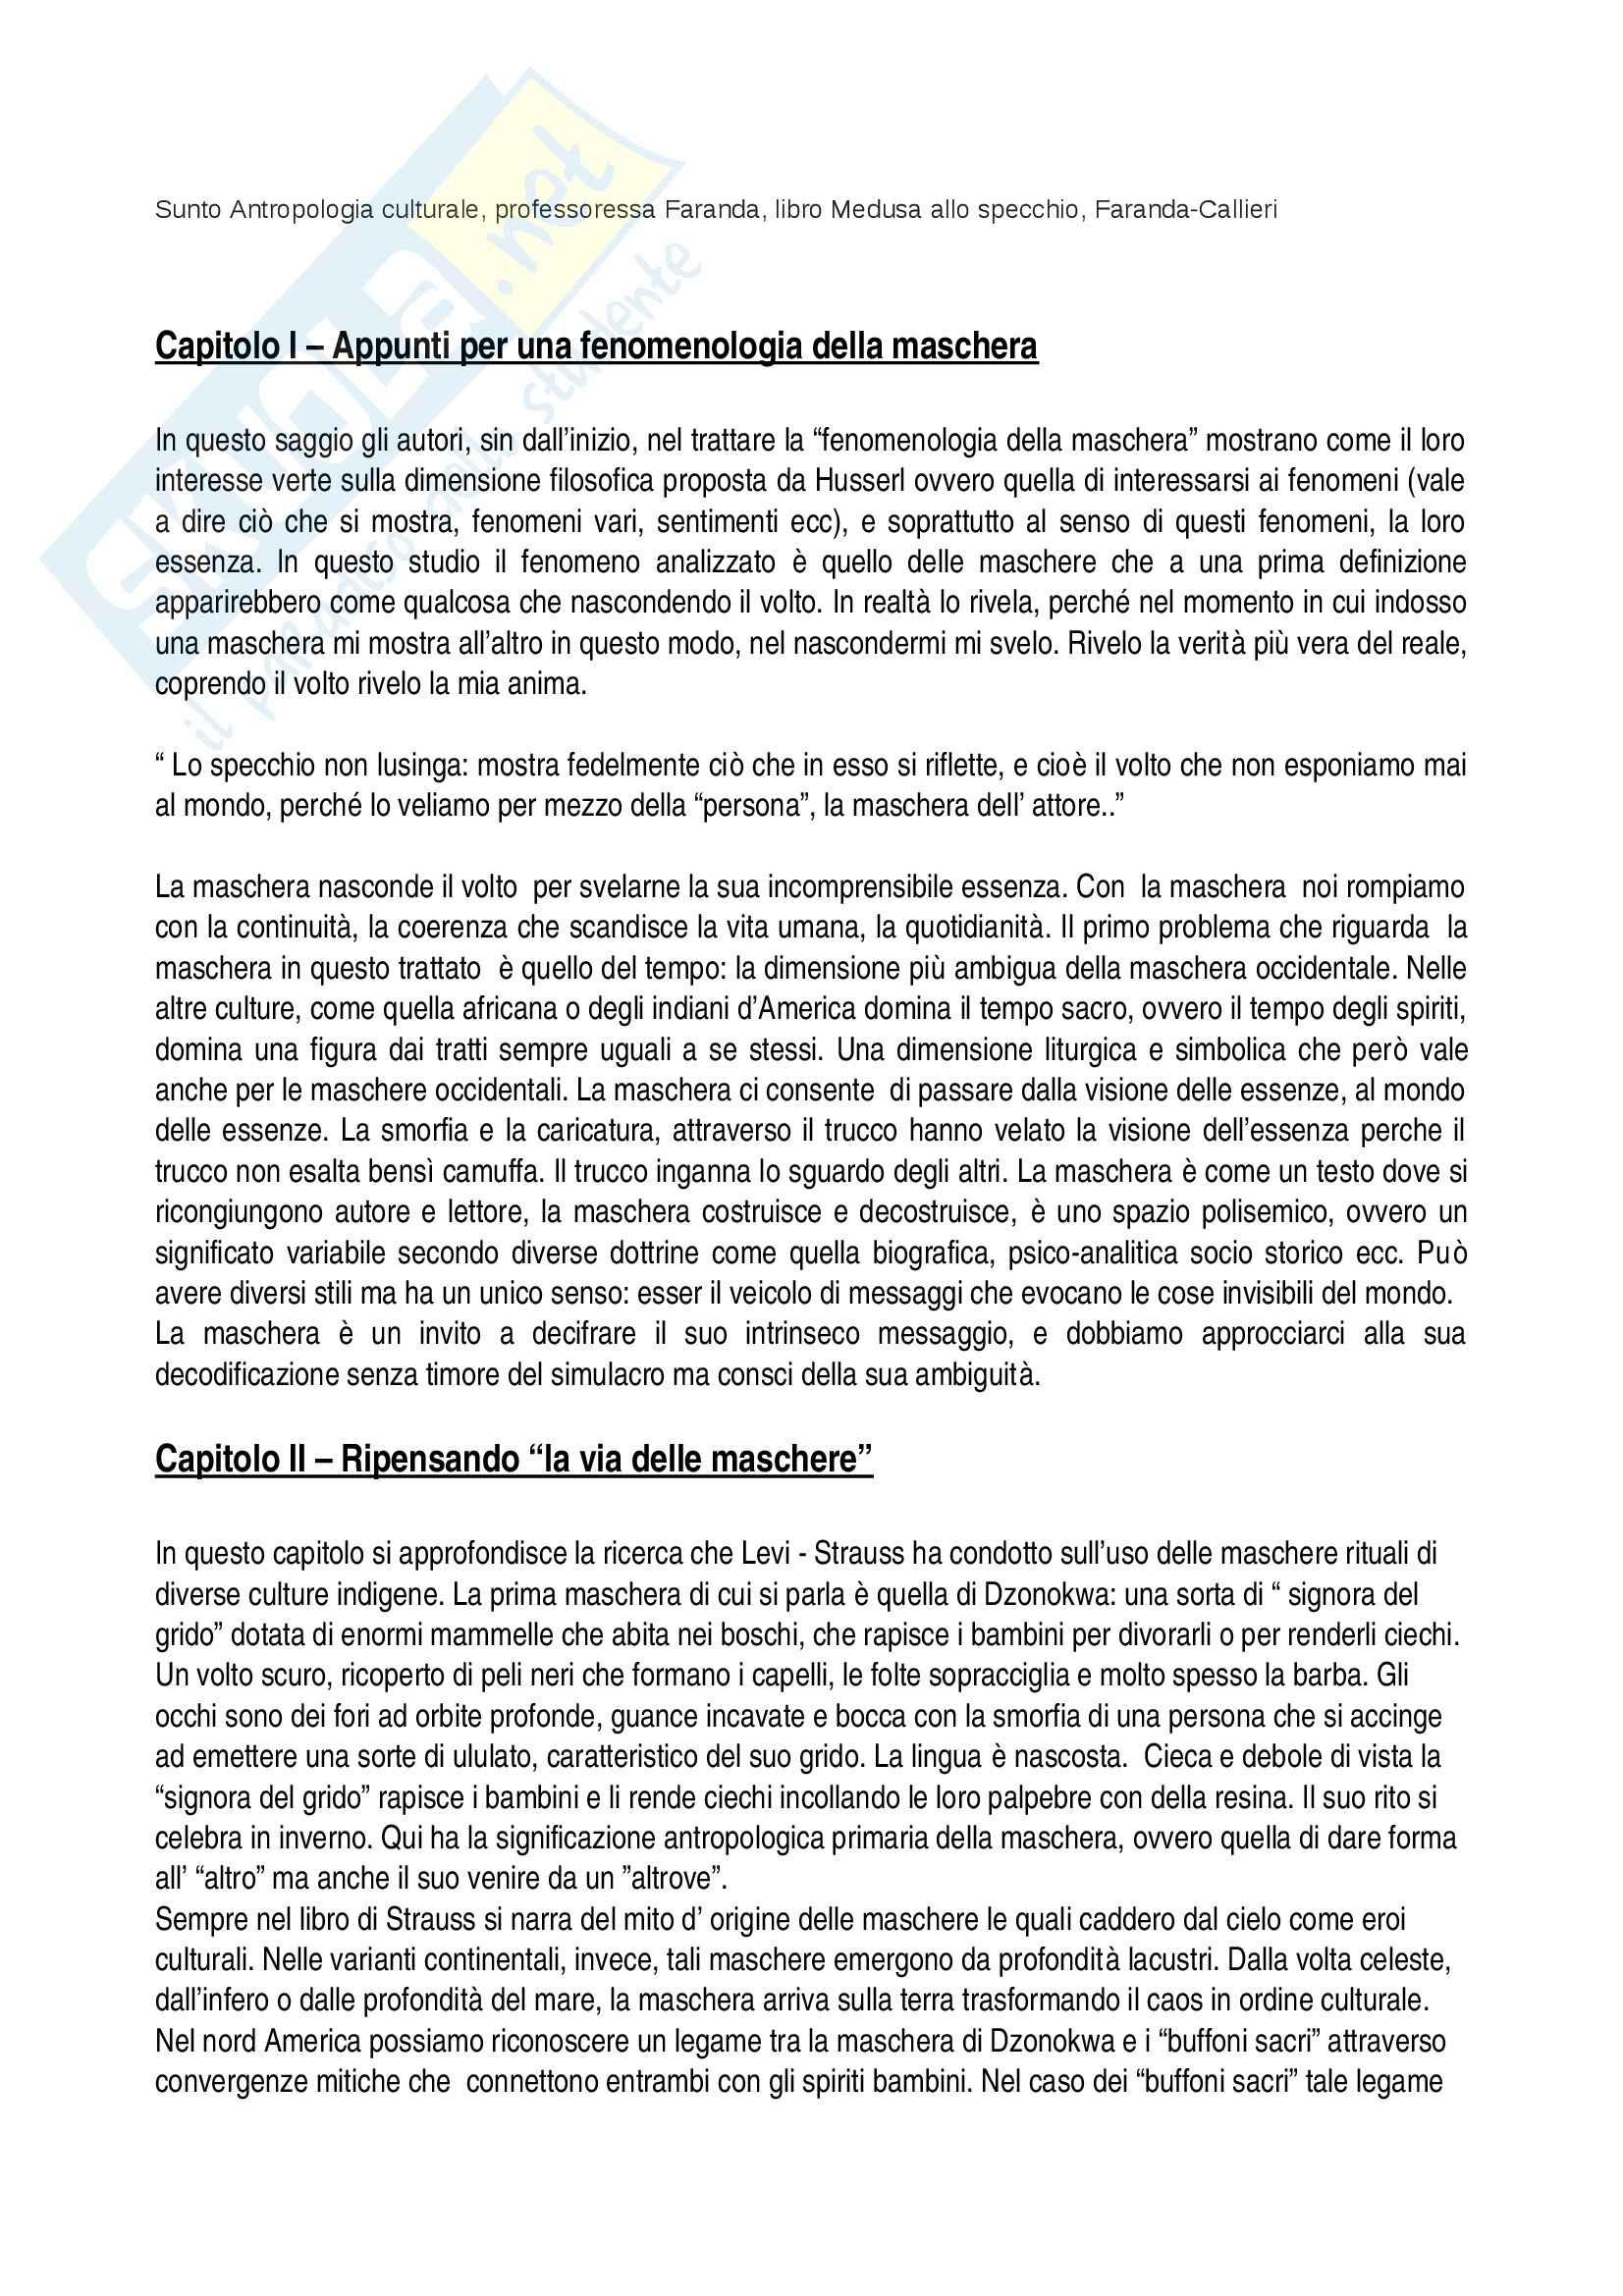 Riassunto esame antropologia culturale, prof. Faranda, libro consigliato Medusa allo specchio, Faranda, Callieri